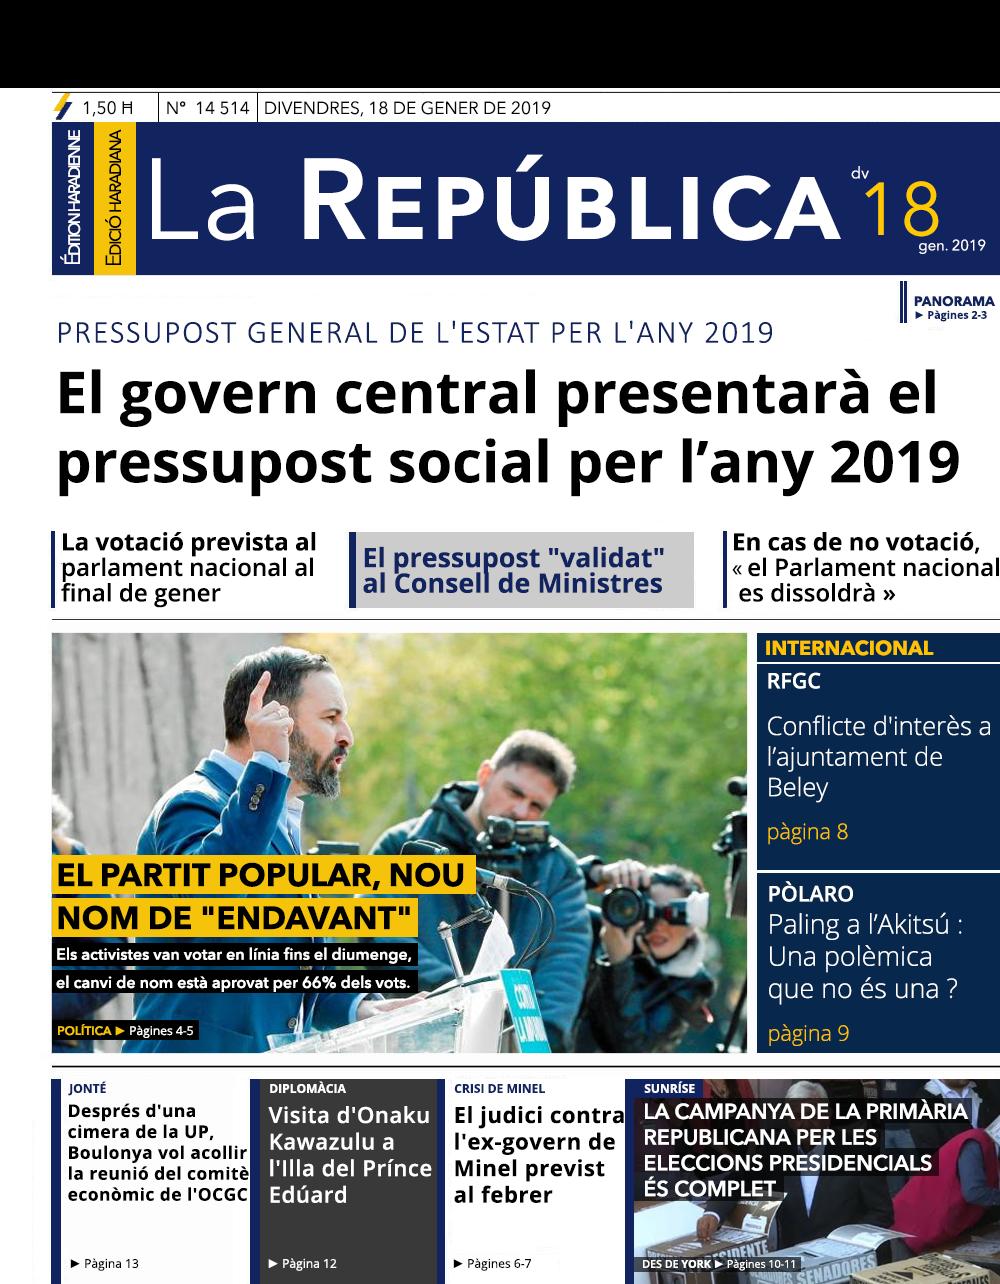 La República - Page 2 HAR_LA_REPUBLICA_N%C2%B014_514